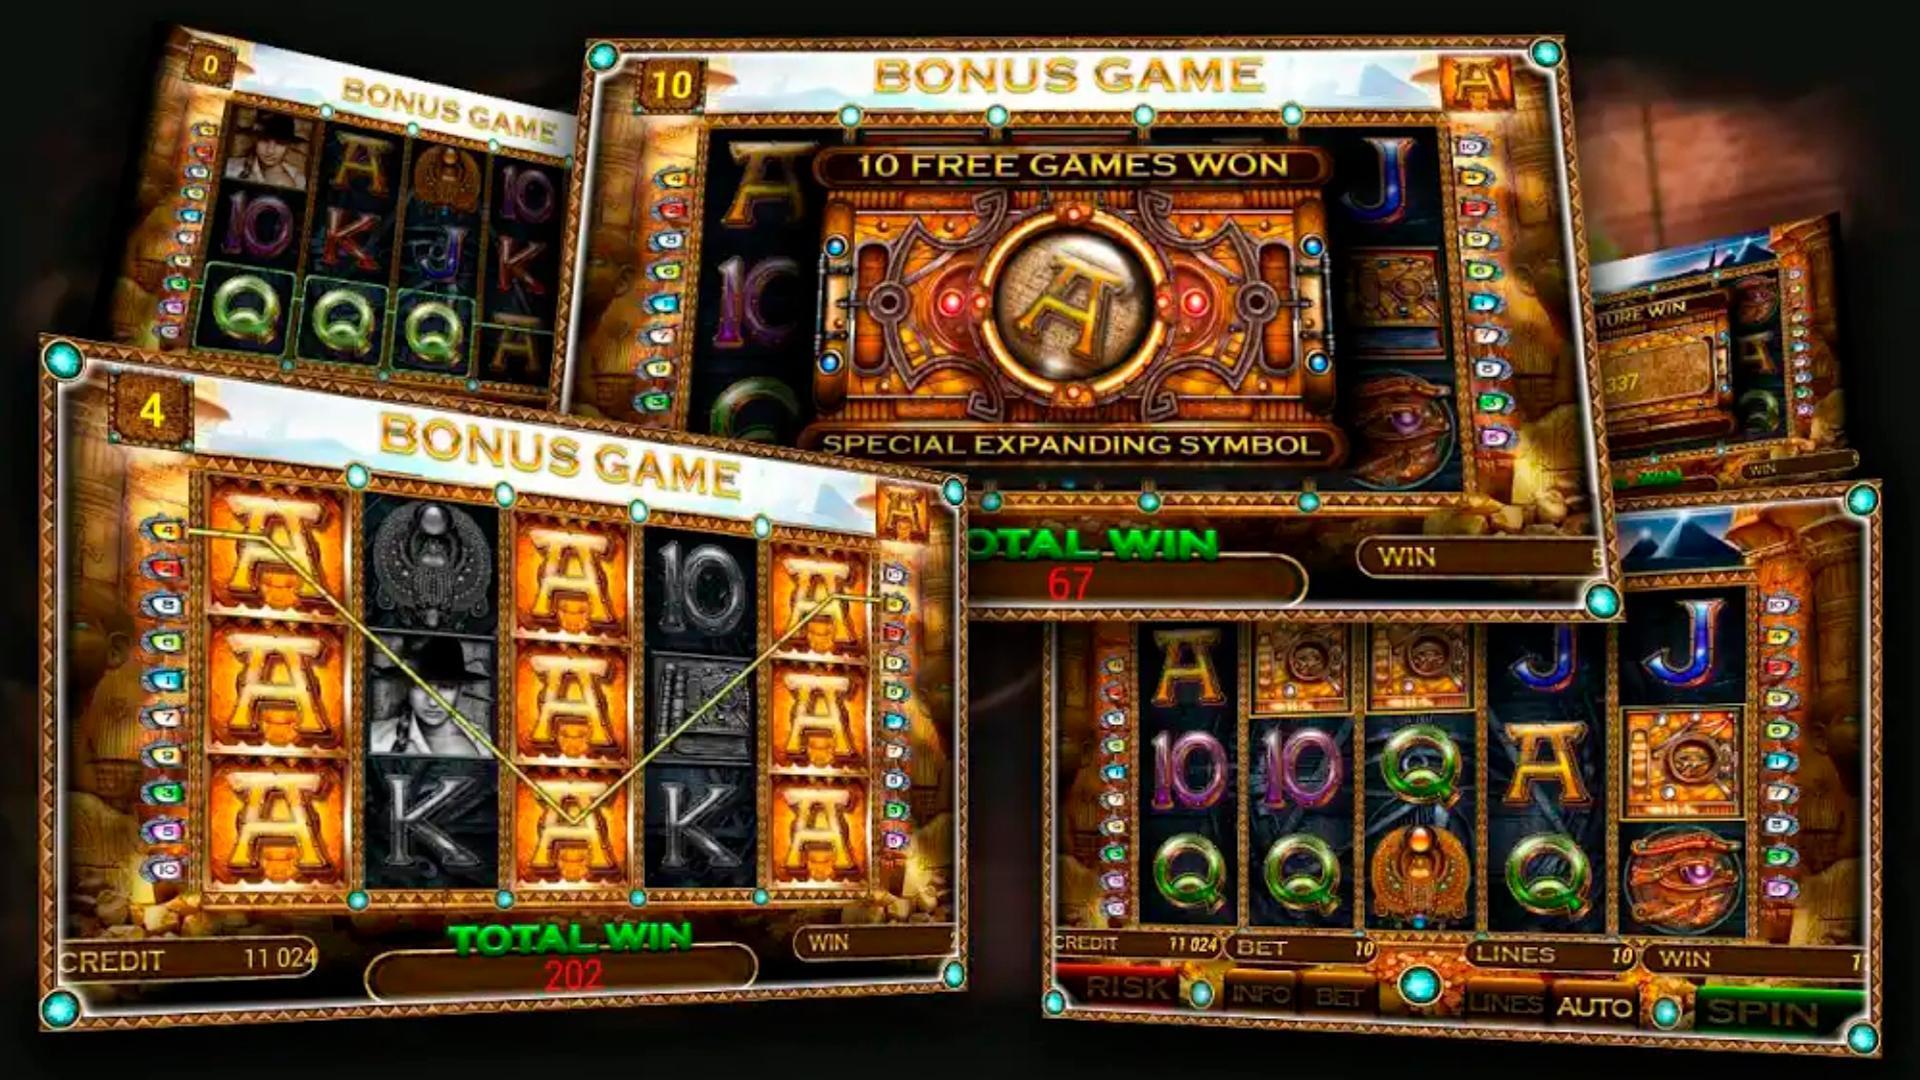 เทคนิคหมุนสล็อต สร้างเงินรางวัล โกยกำไร ด้วยเงินทุนหลักร้อยกับเกมสล็อตออนไลน์